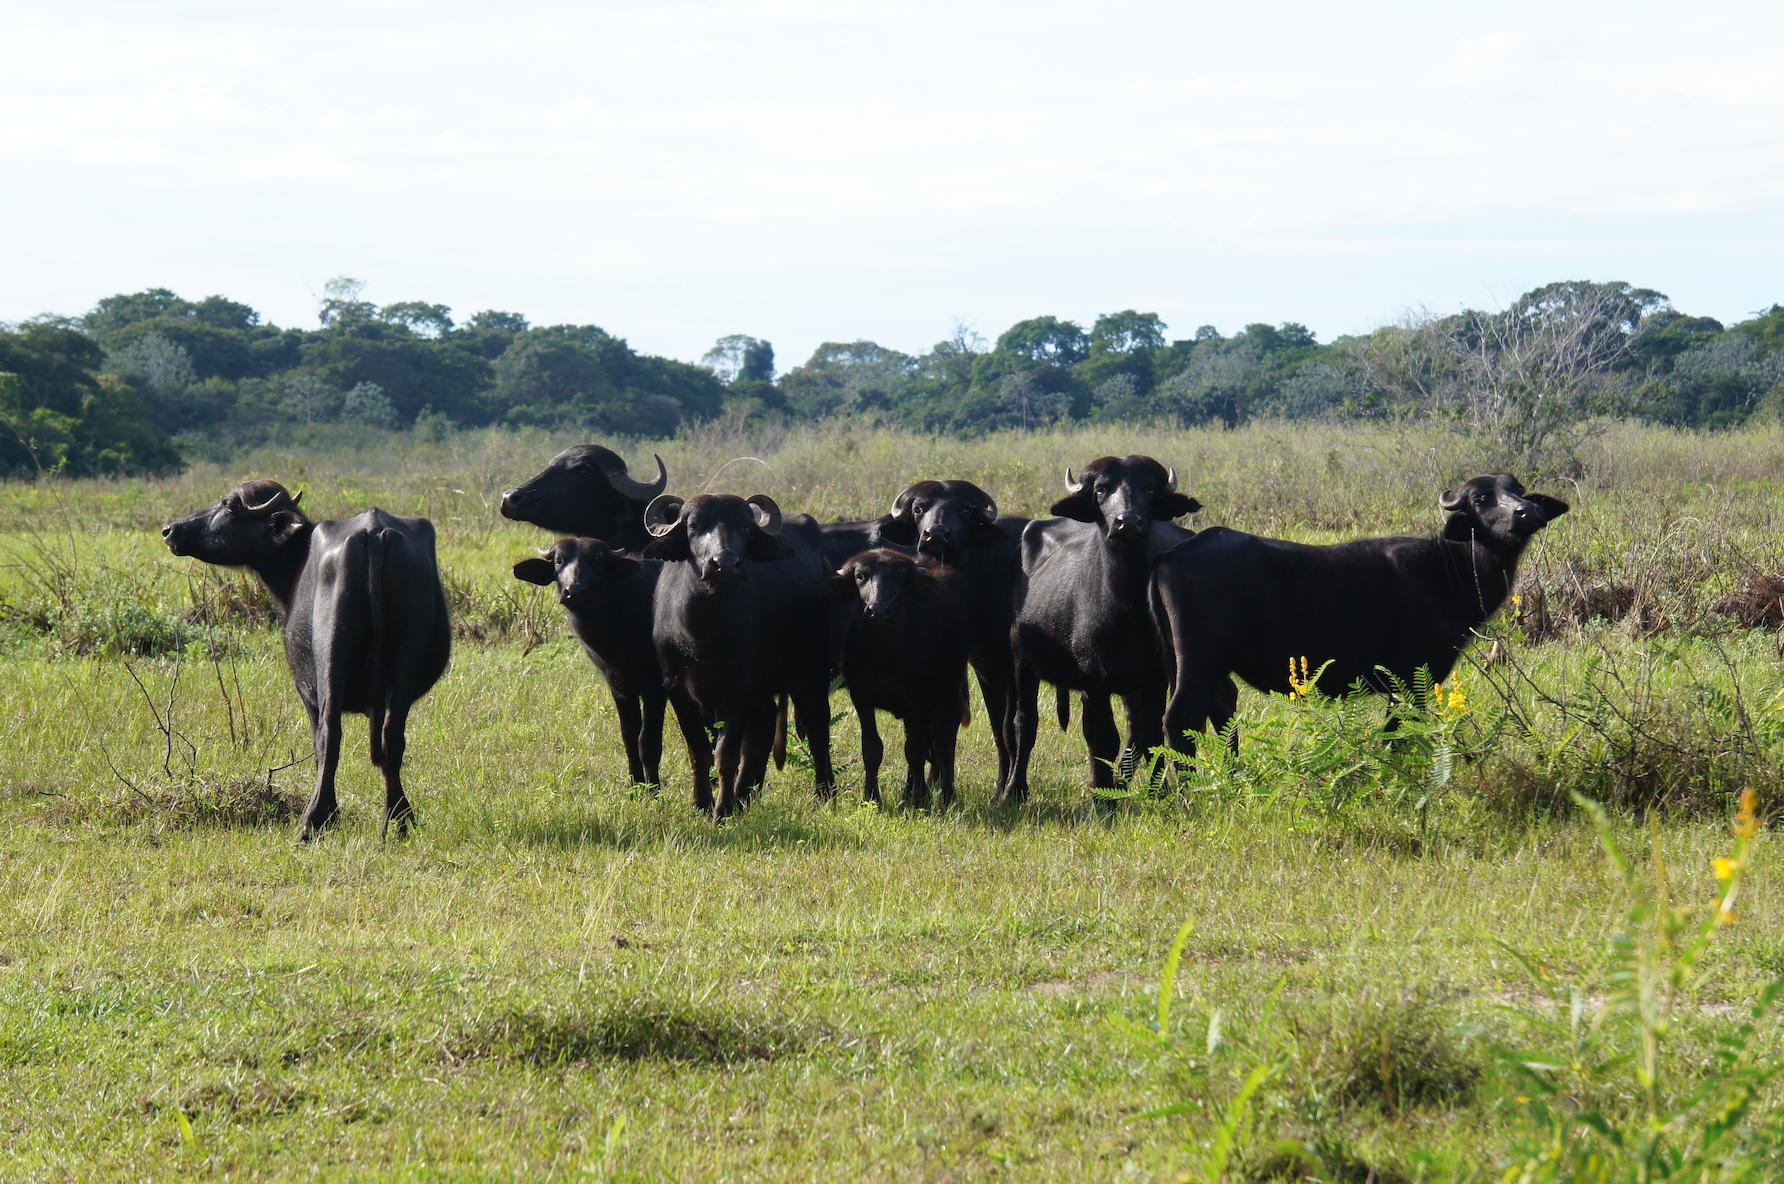 Полудикие буйволы в Пантанале